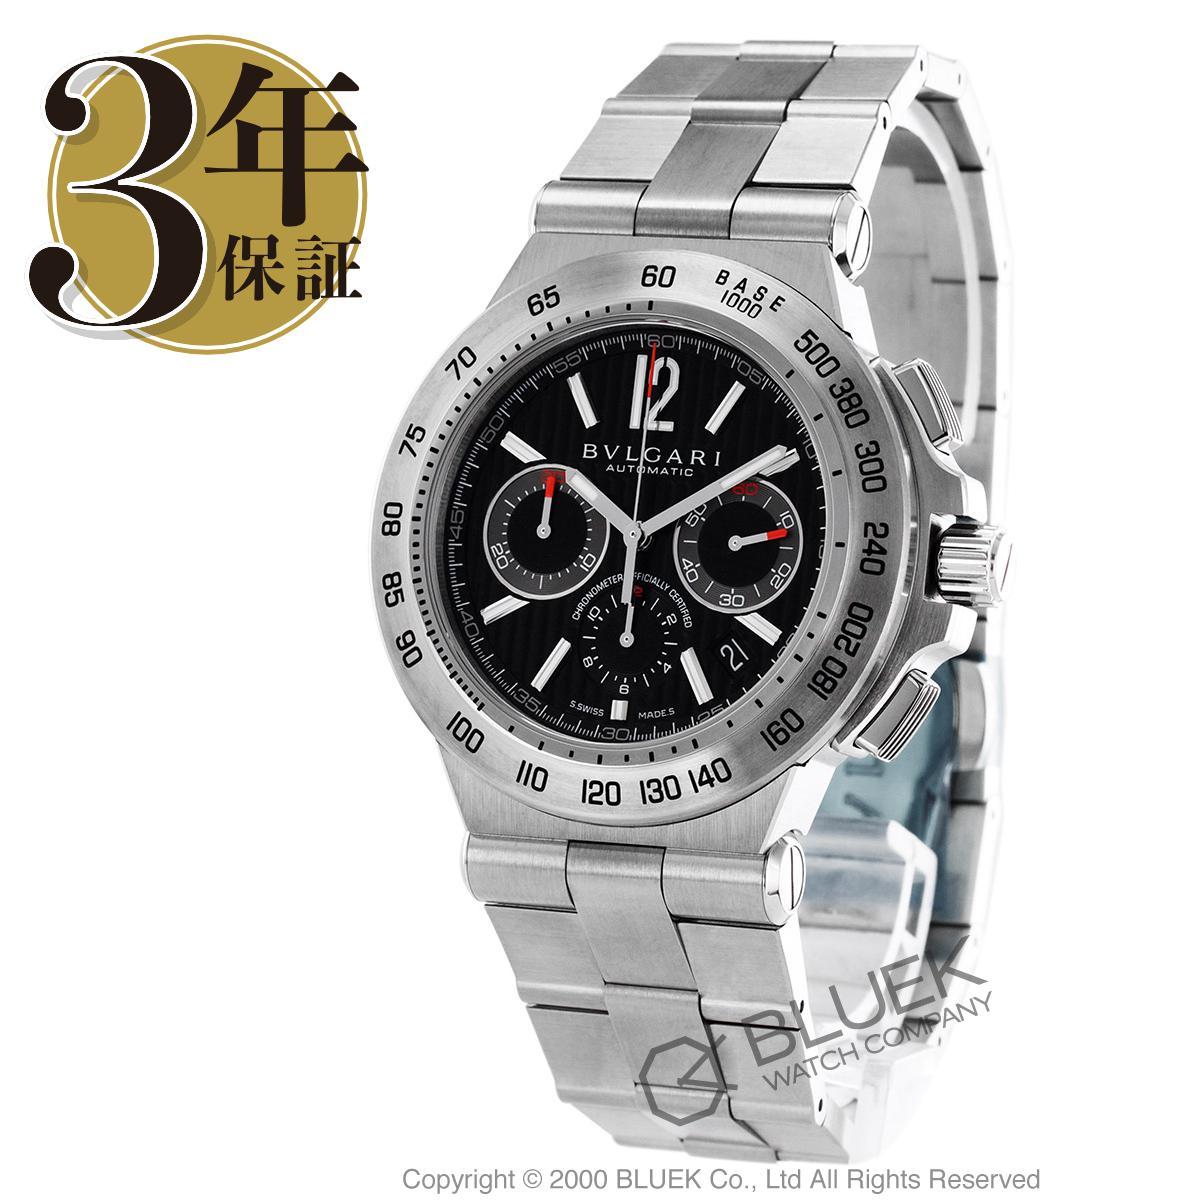 ブルガリ ディアゴノ プロフェッショナル テラ クロノグラフ 腕時計 メンズ BVLGARI DP42BSSDCH_8